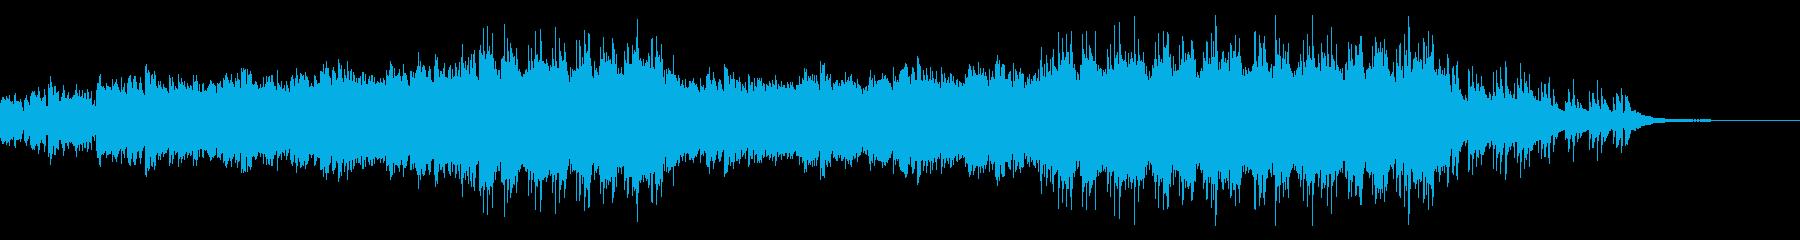 【ドラム抜き】サビのある綺麗なピアノバラの再生済みの波形